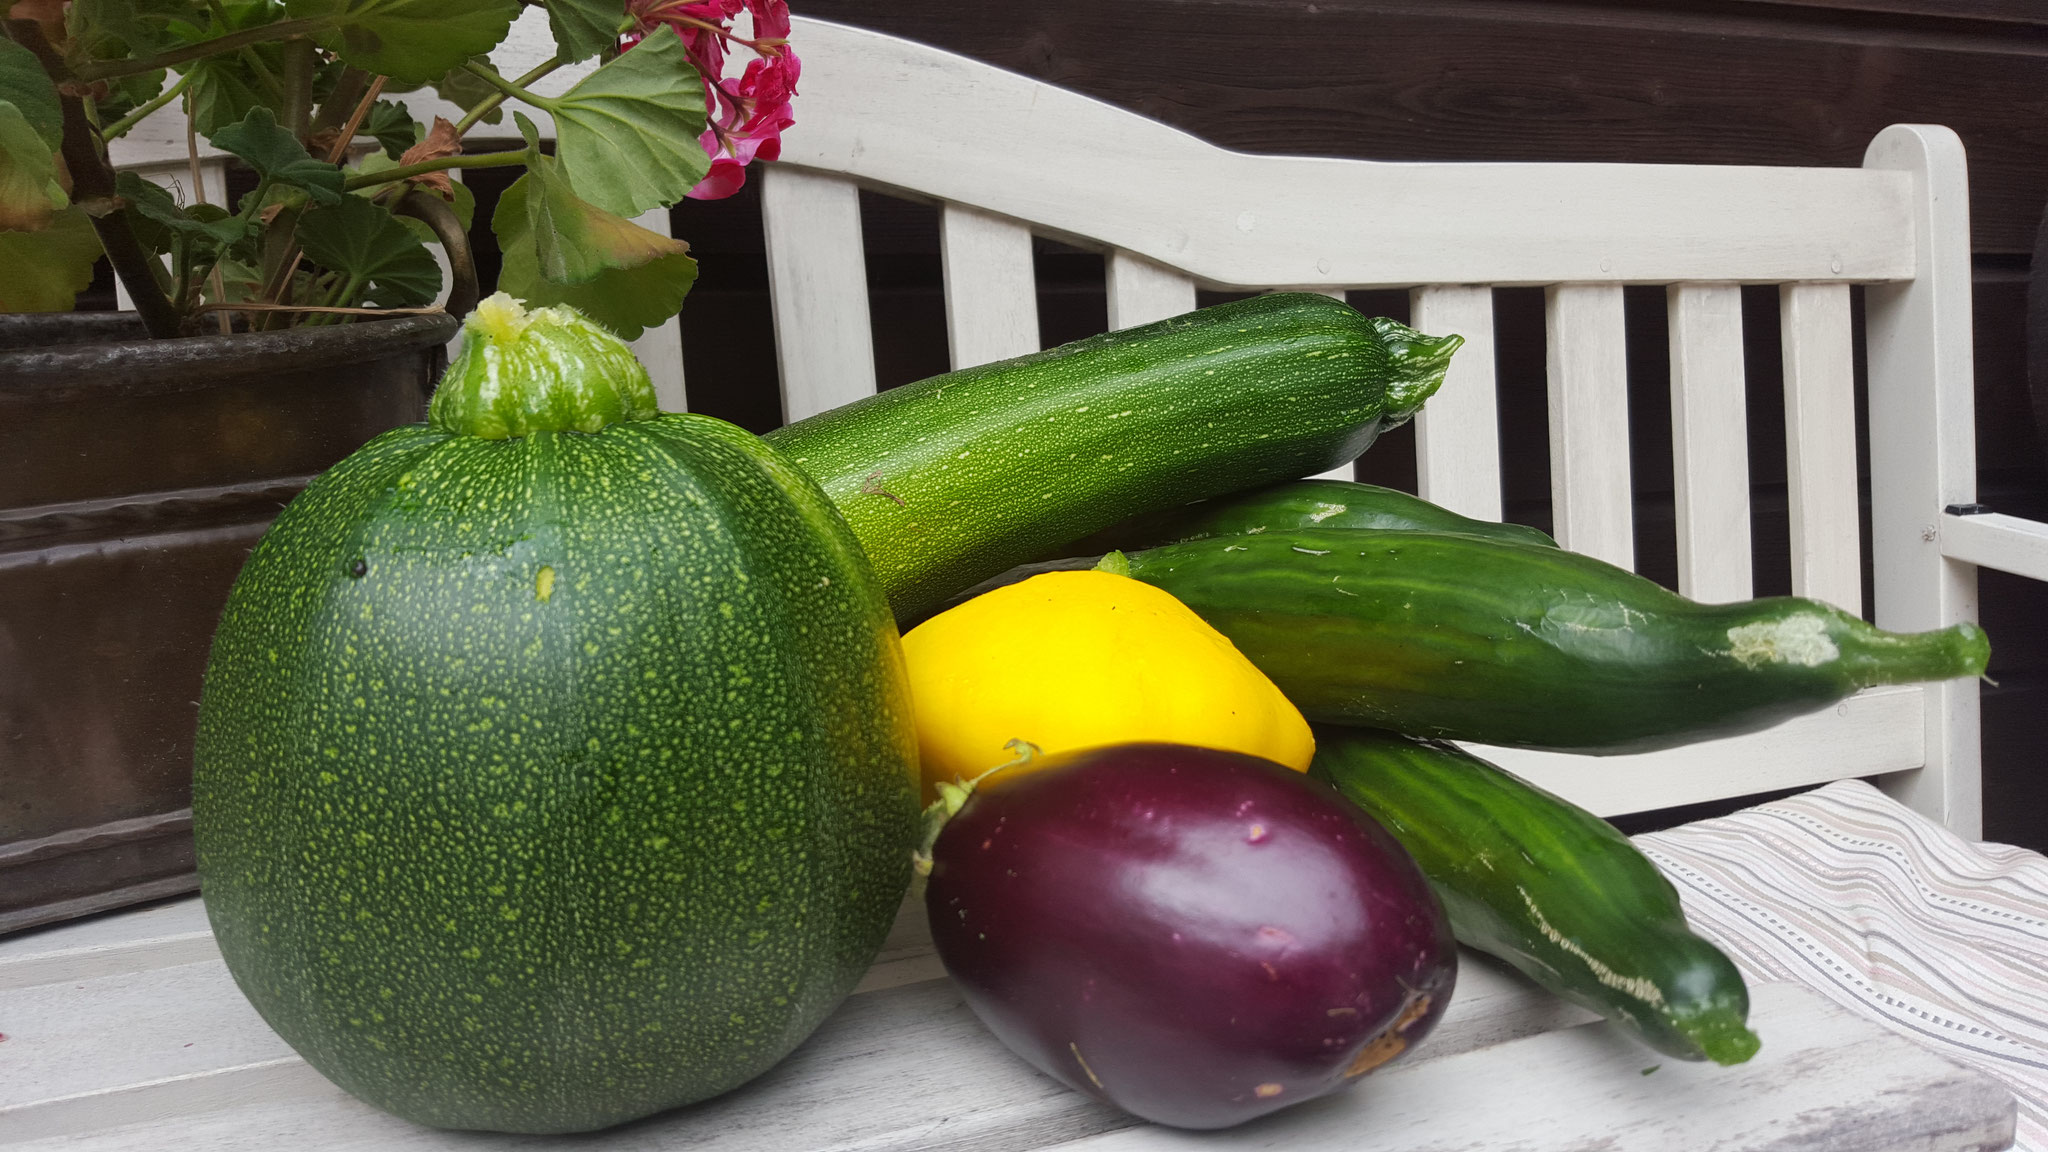 Auberginen, Patisson, Gurken und Zucchini